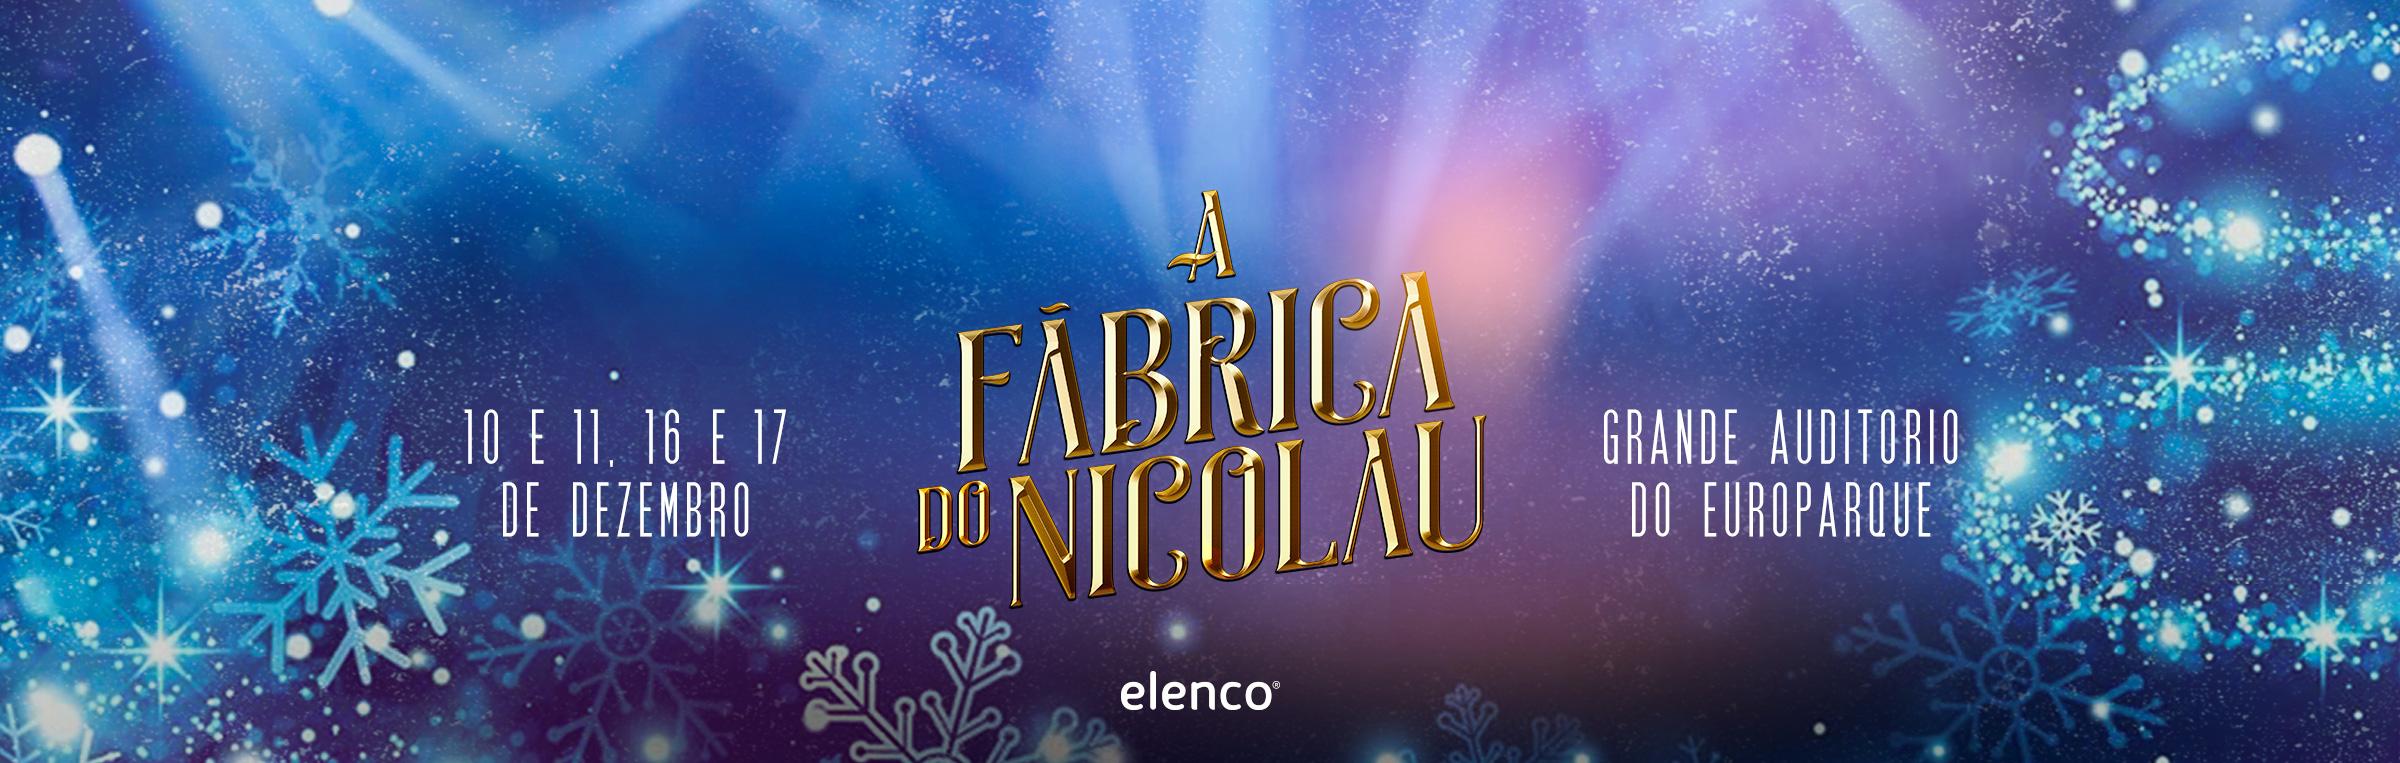 Banner: A Fábrica do Nicolau